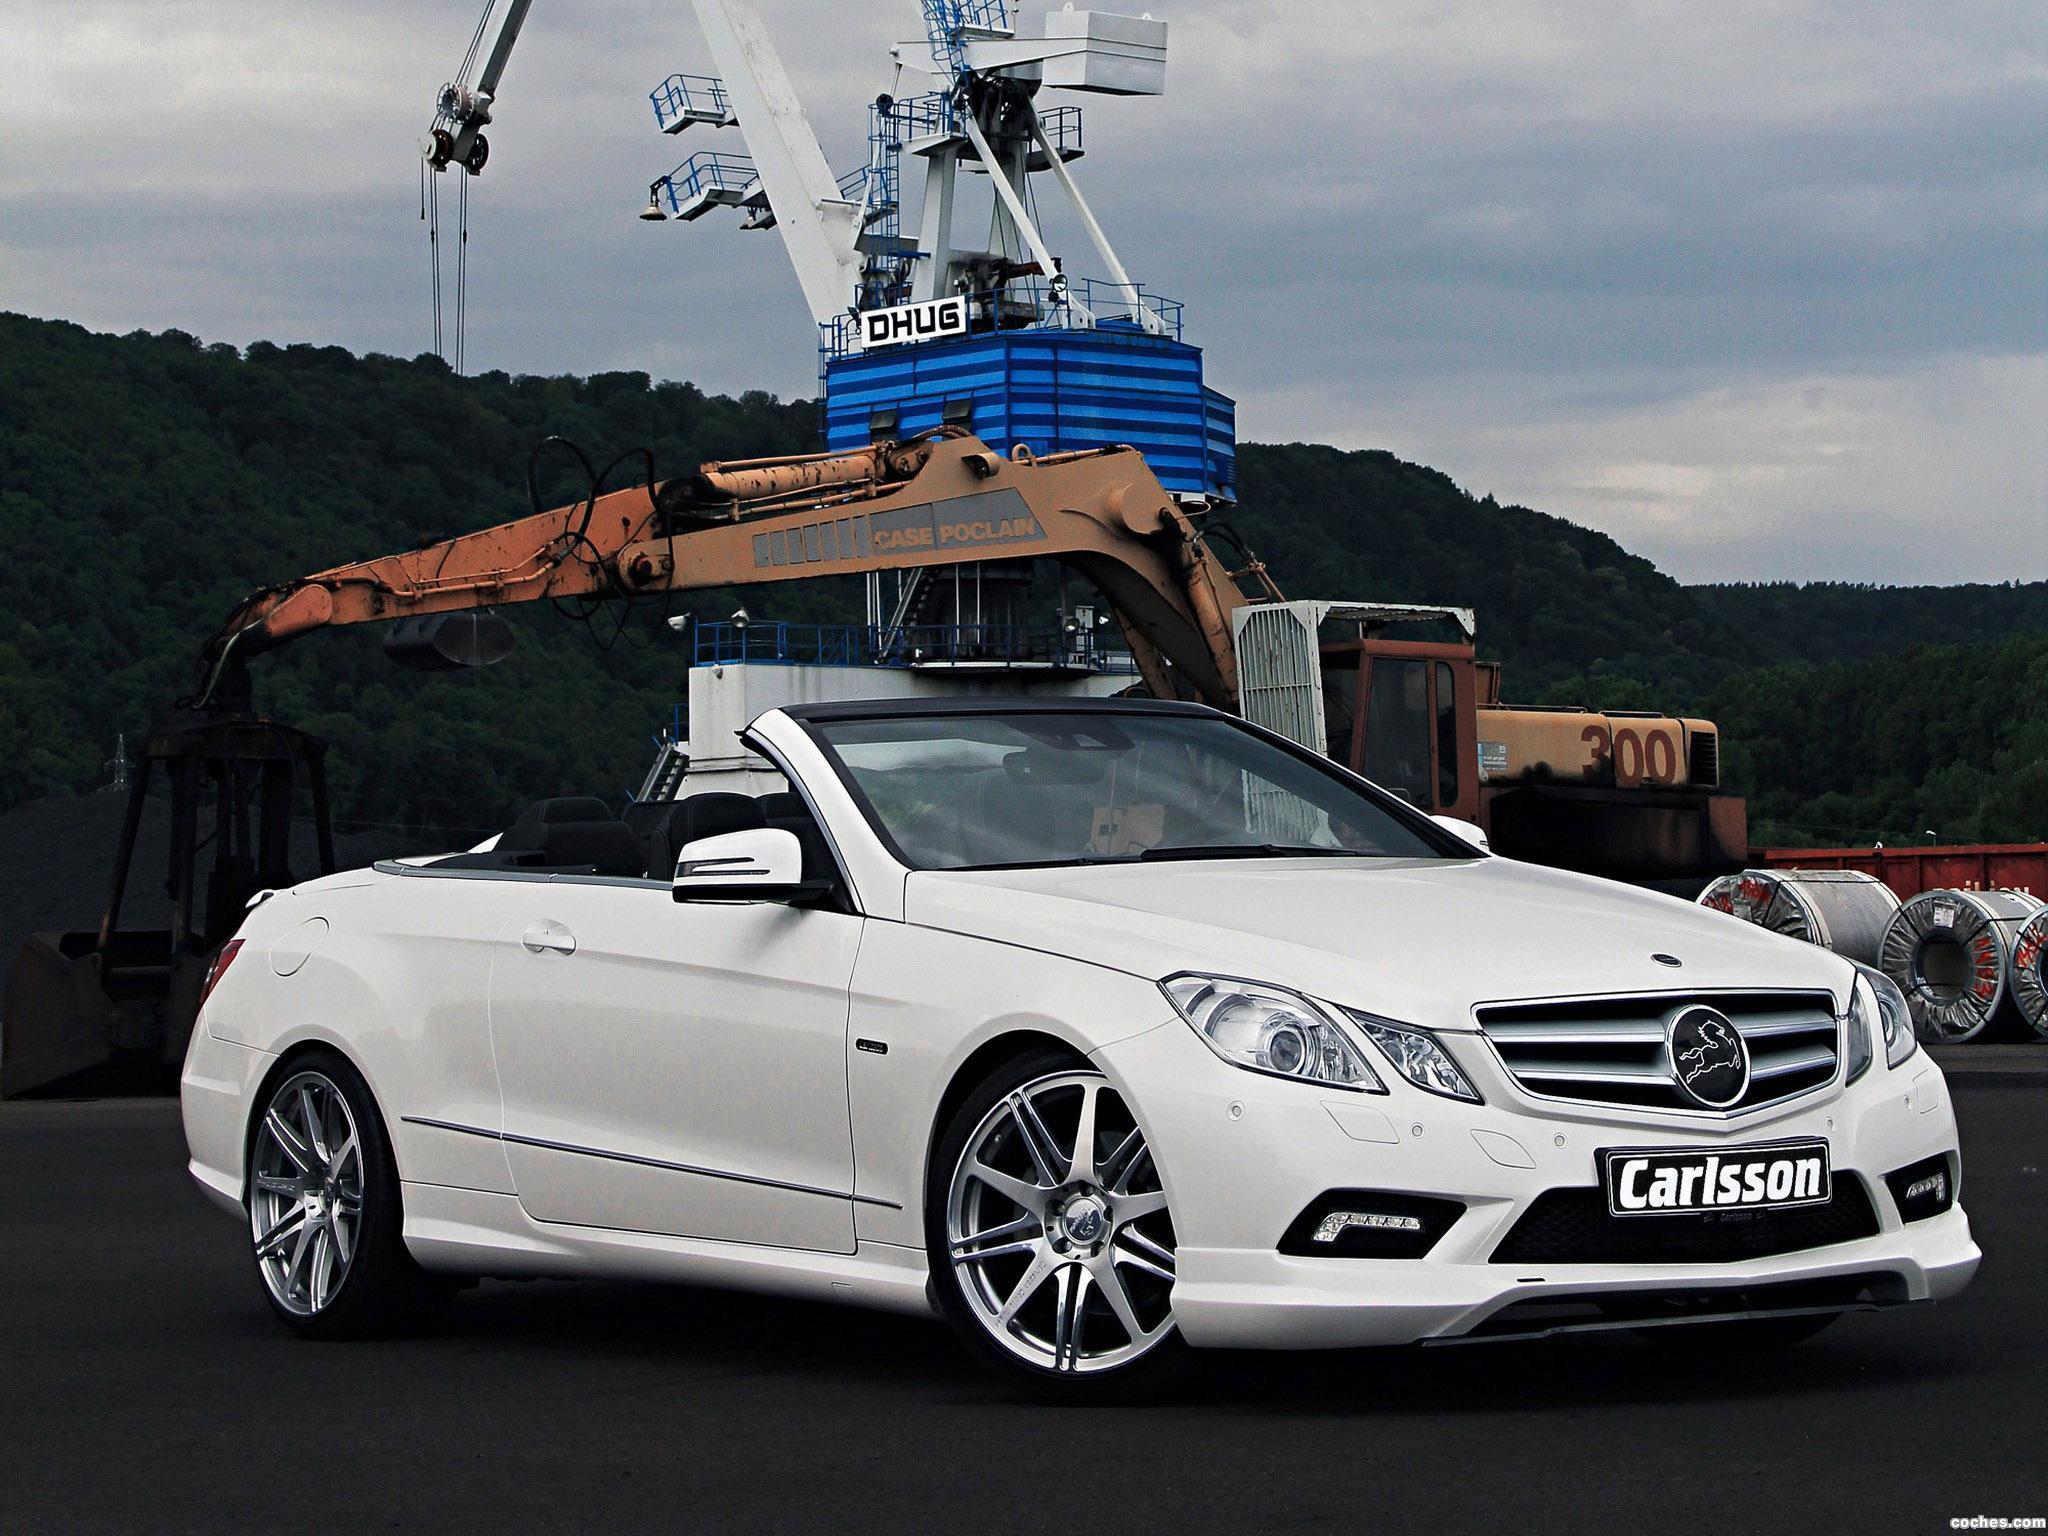 Foto 1 de Mercedes Carlsson Clase E Cabrio A207 2010